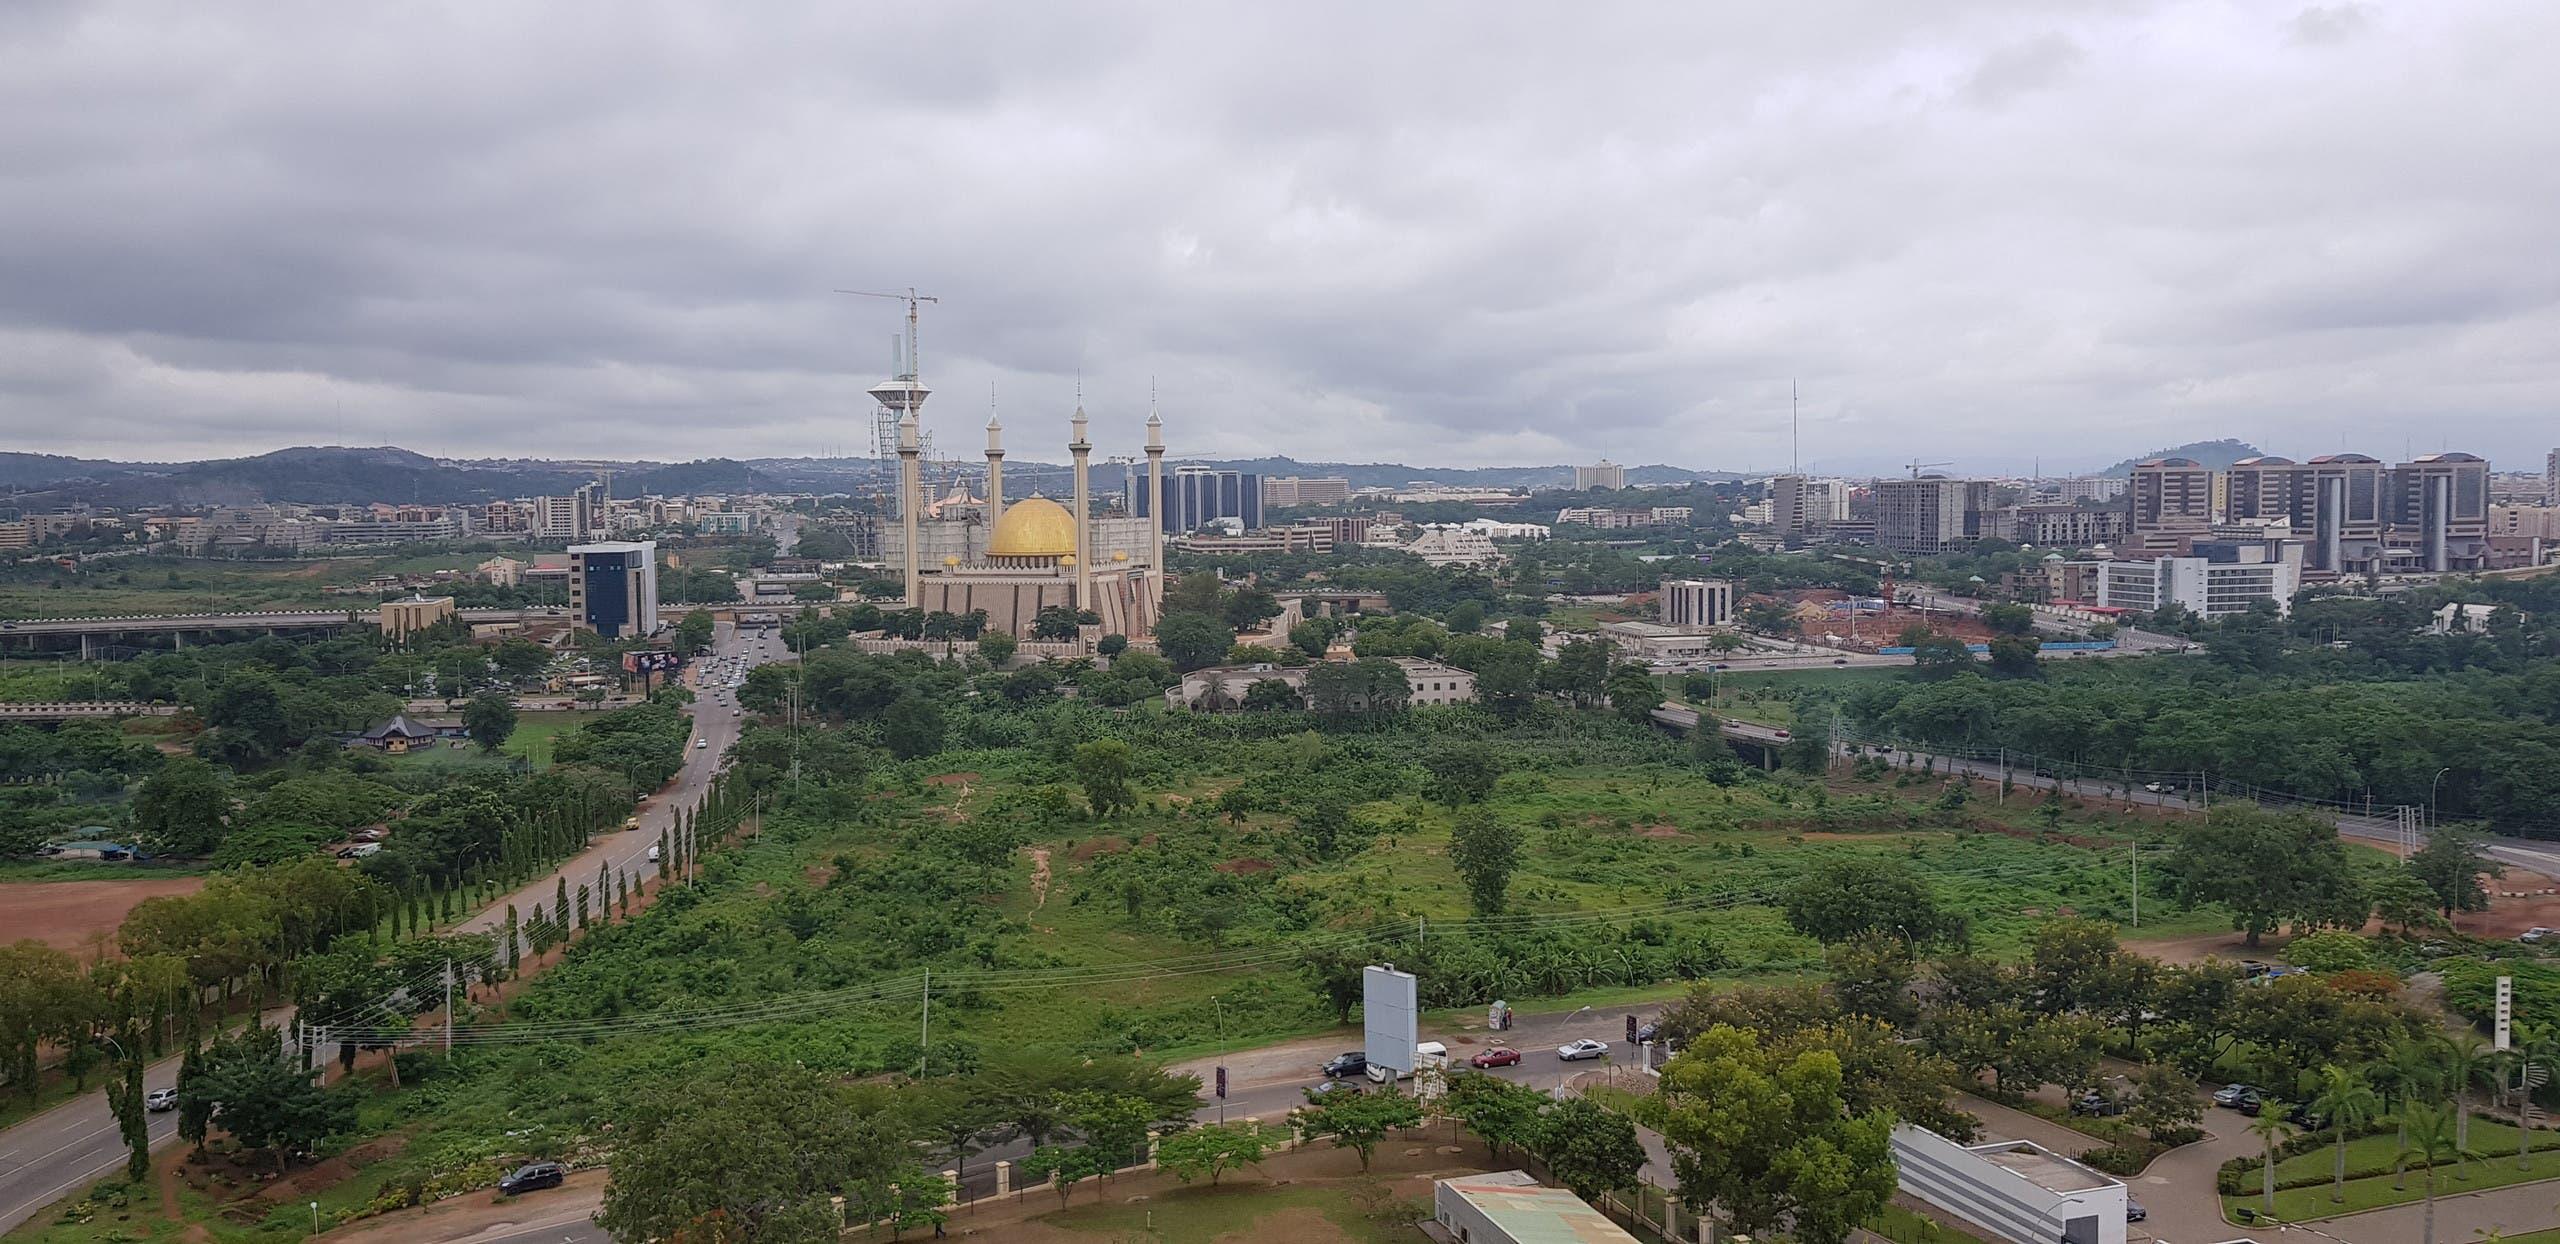 العاصمة أبوجا